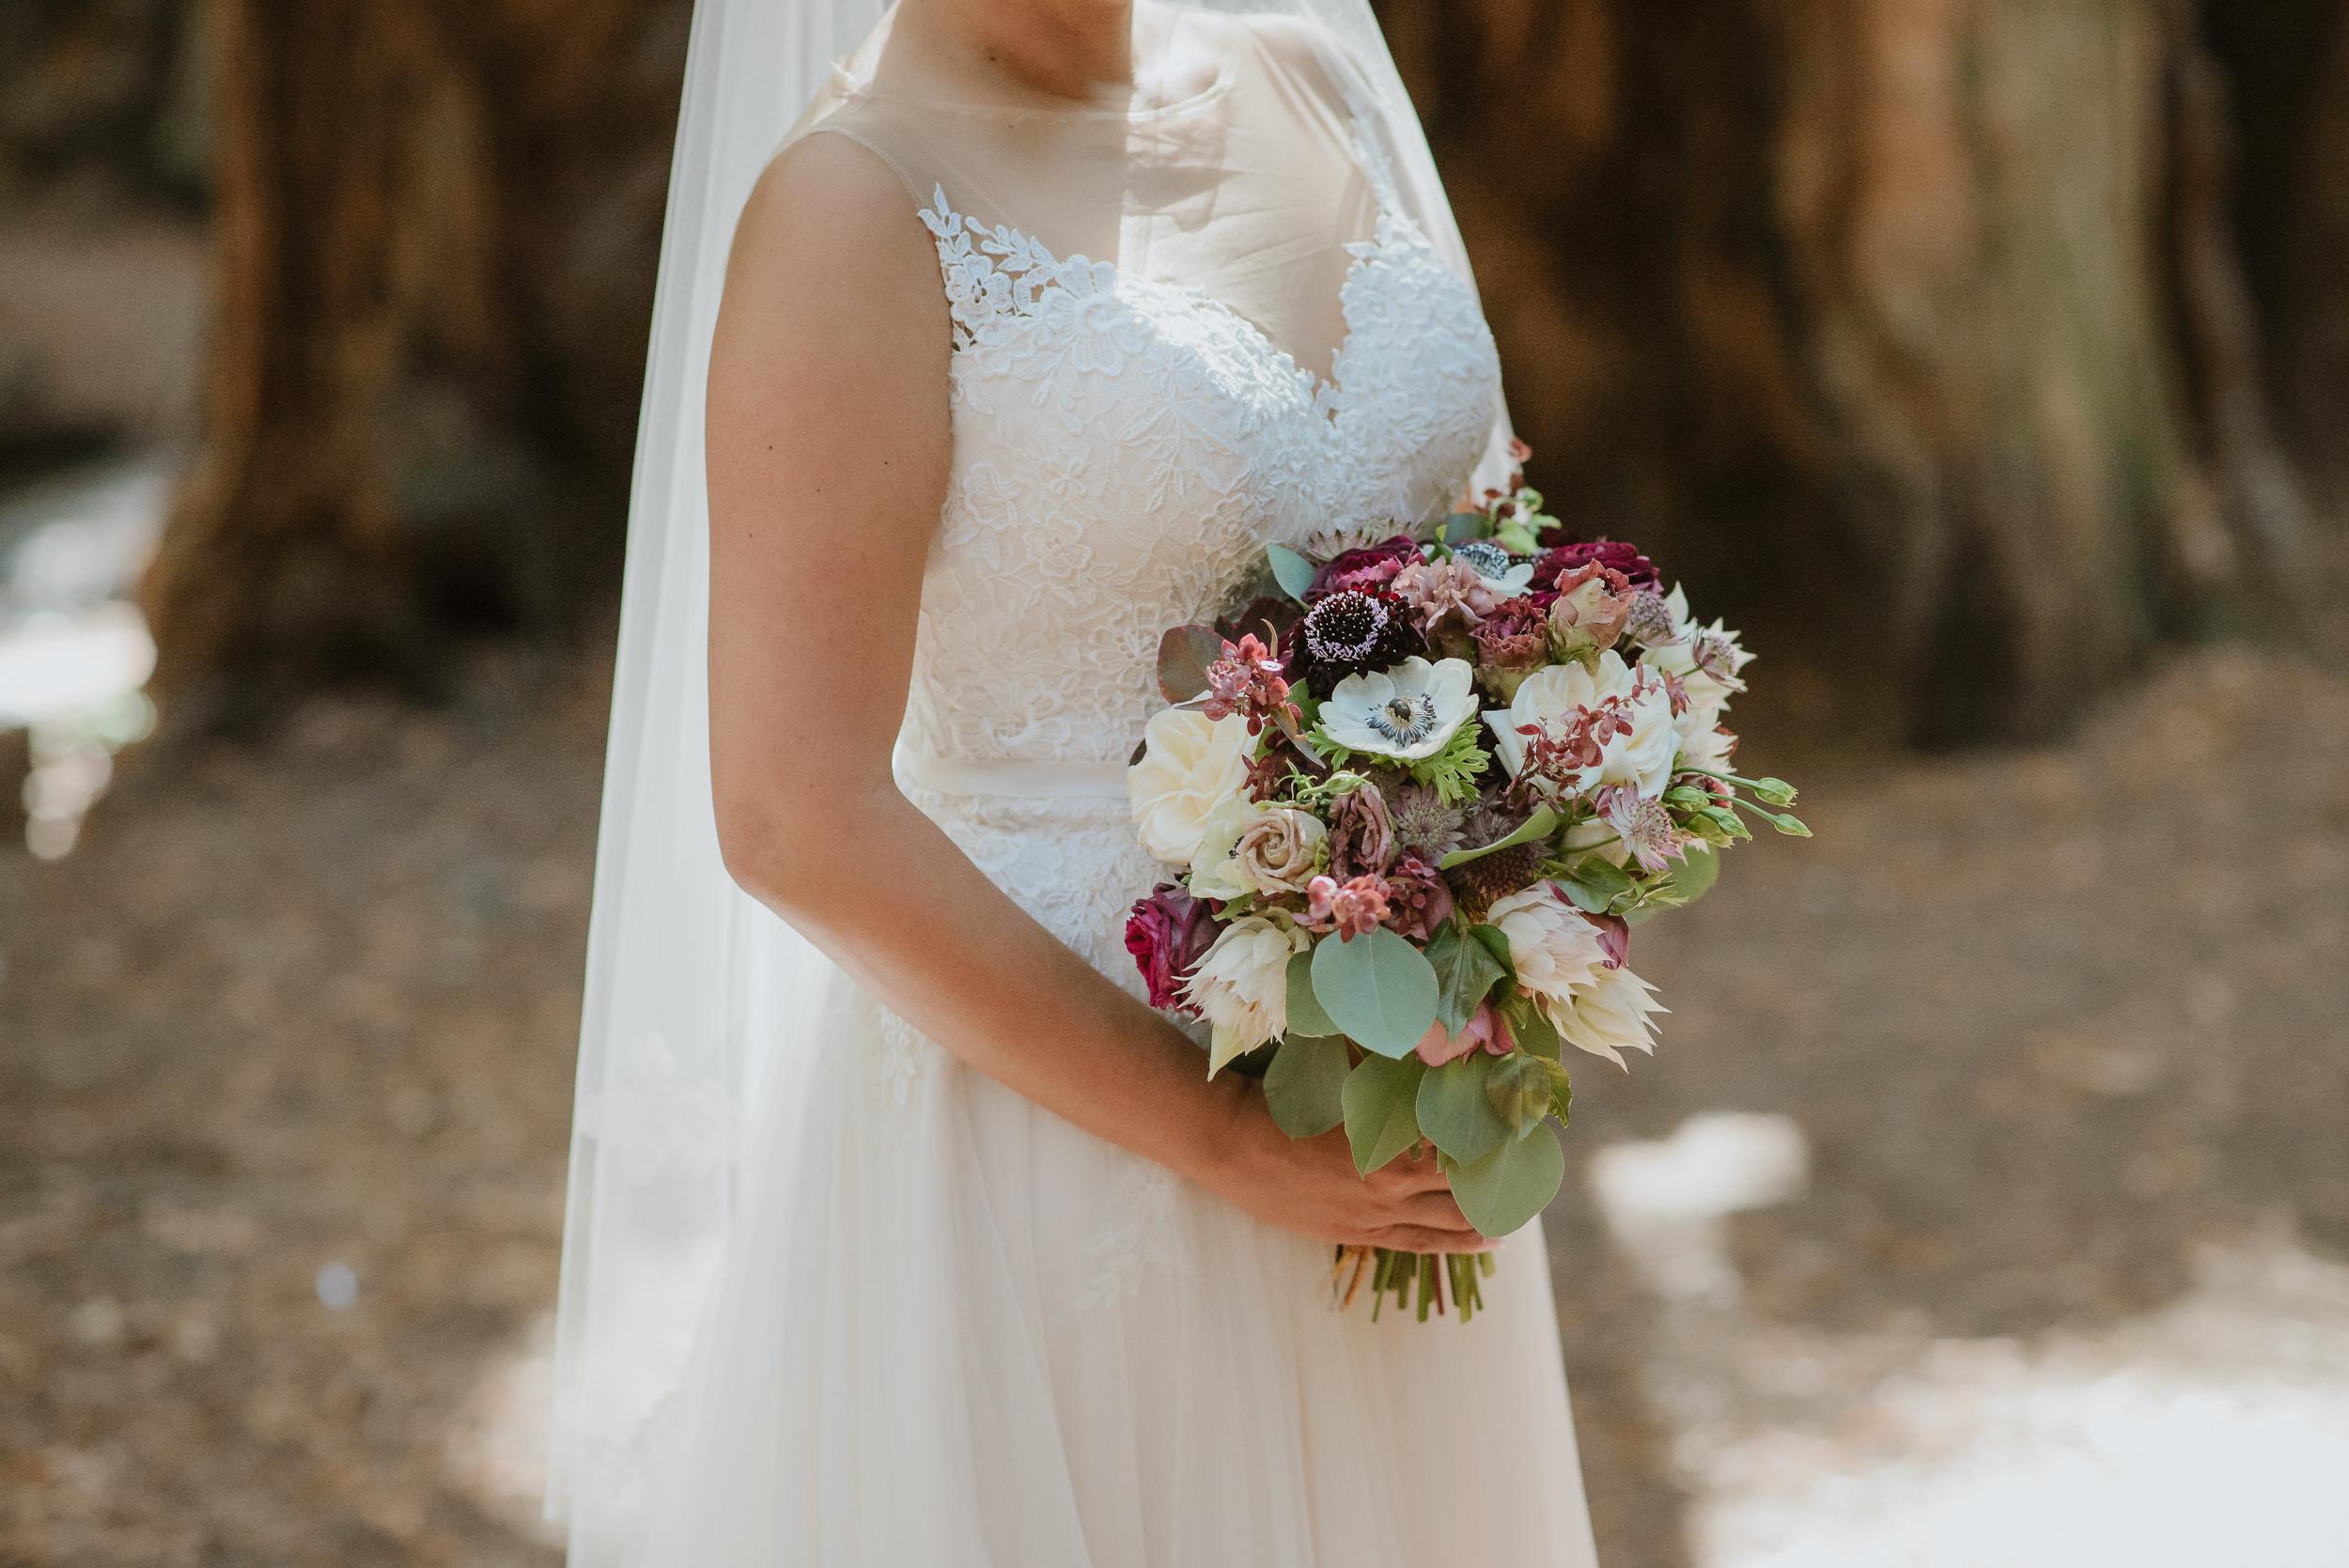 11-old-mill-park-mill-valley-community-center-wedding-vivianchen-018.jpg